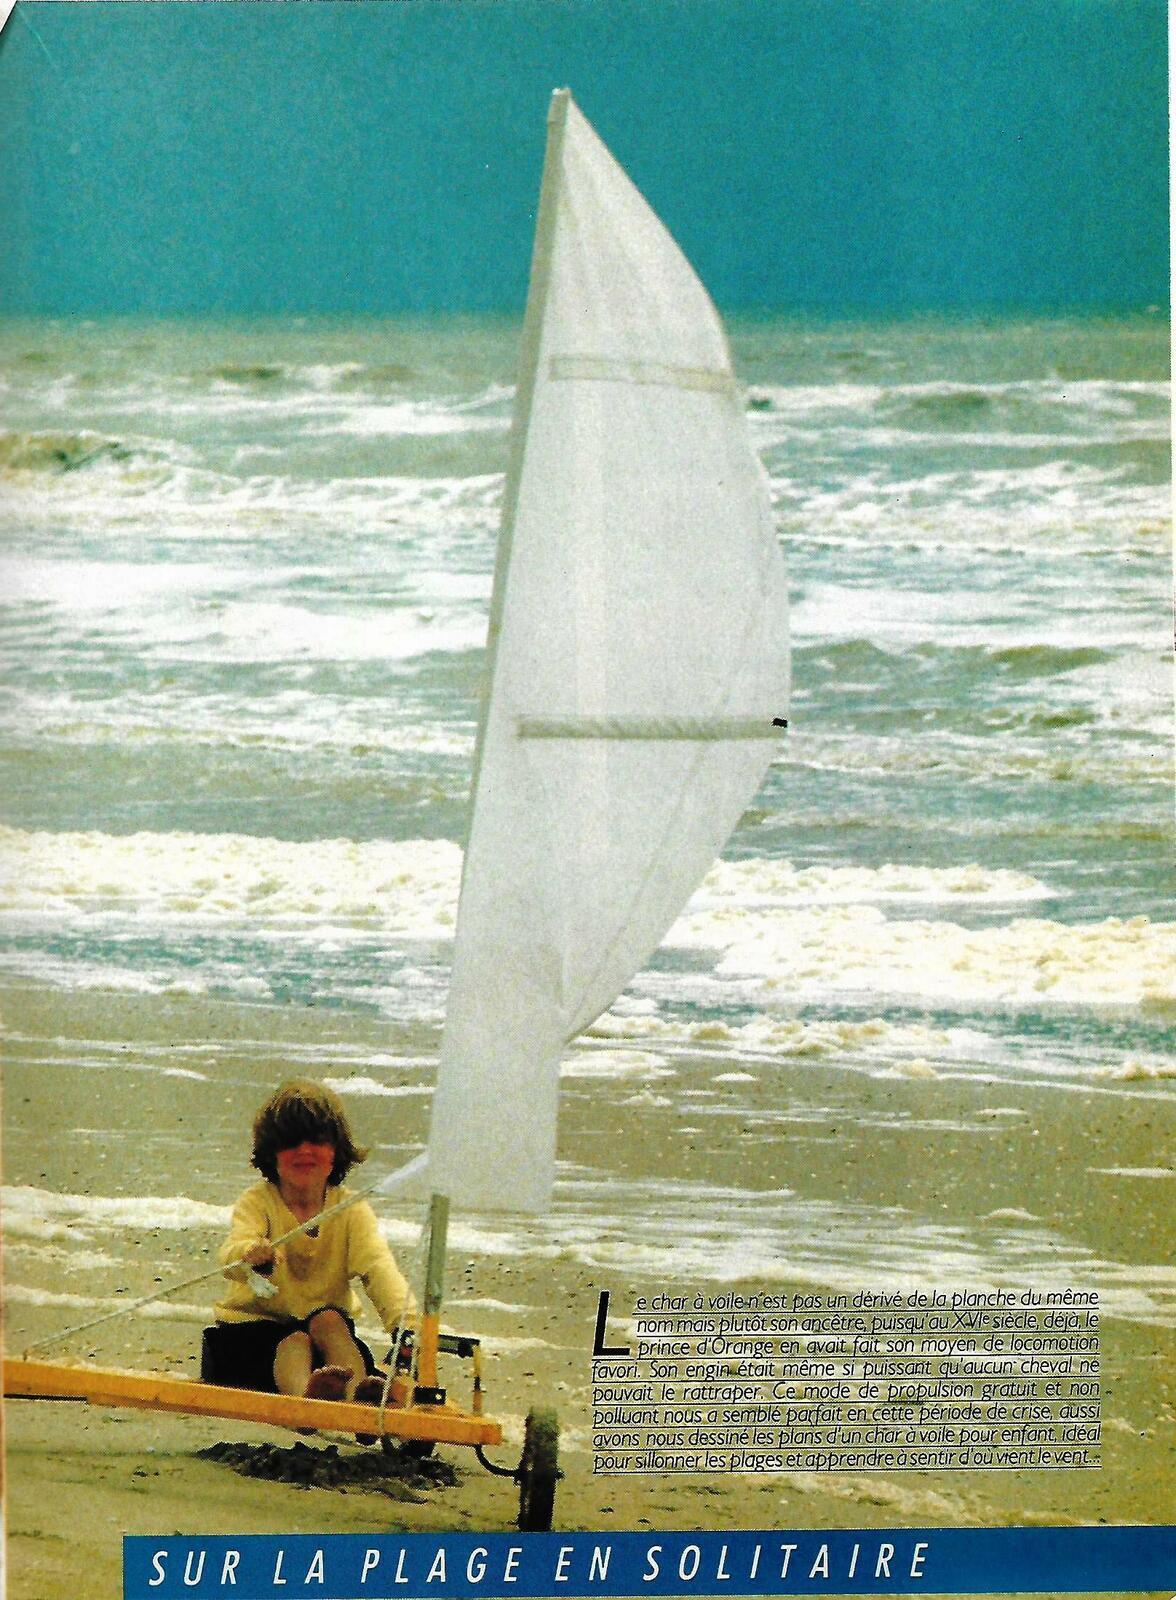 Le char de plage